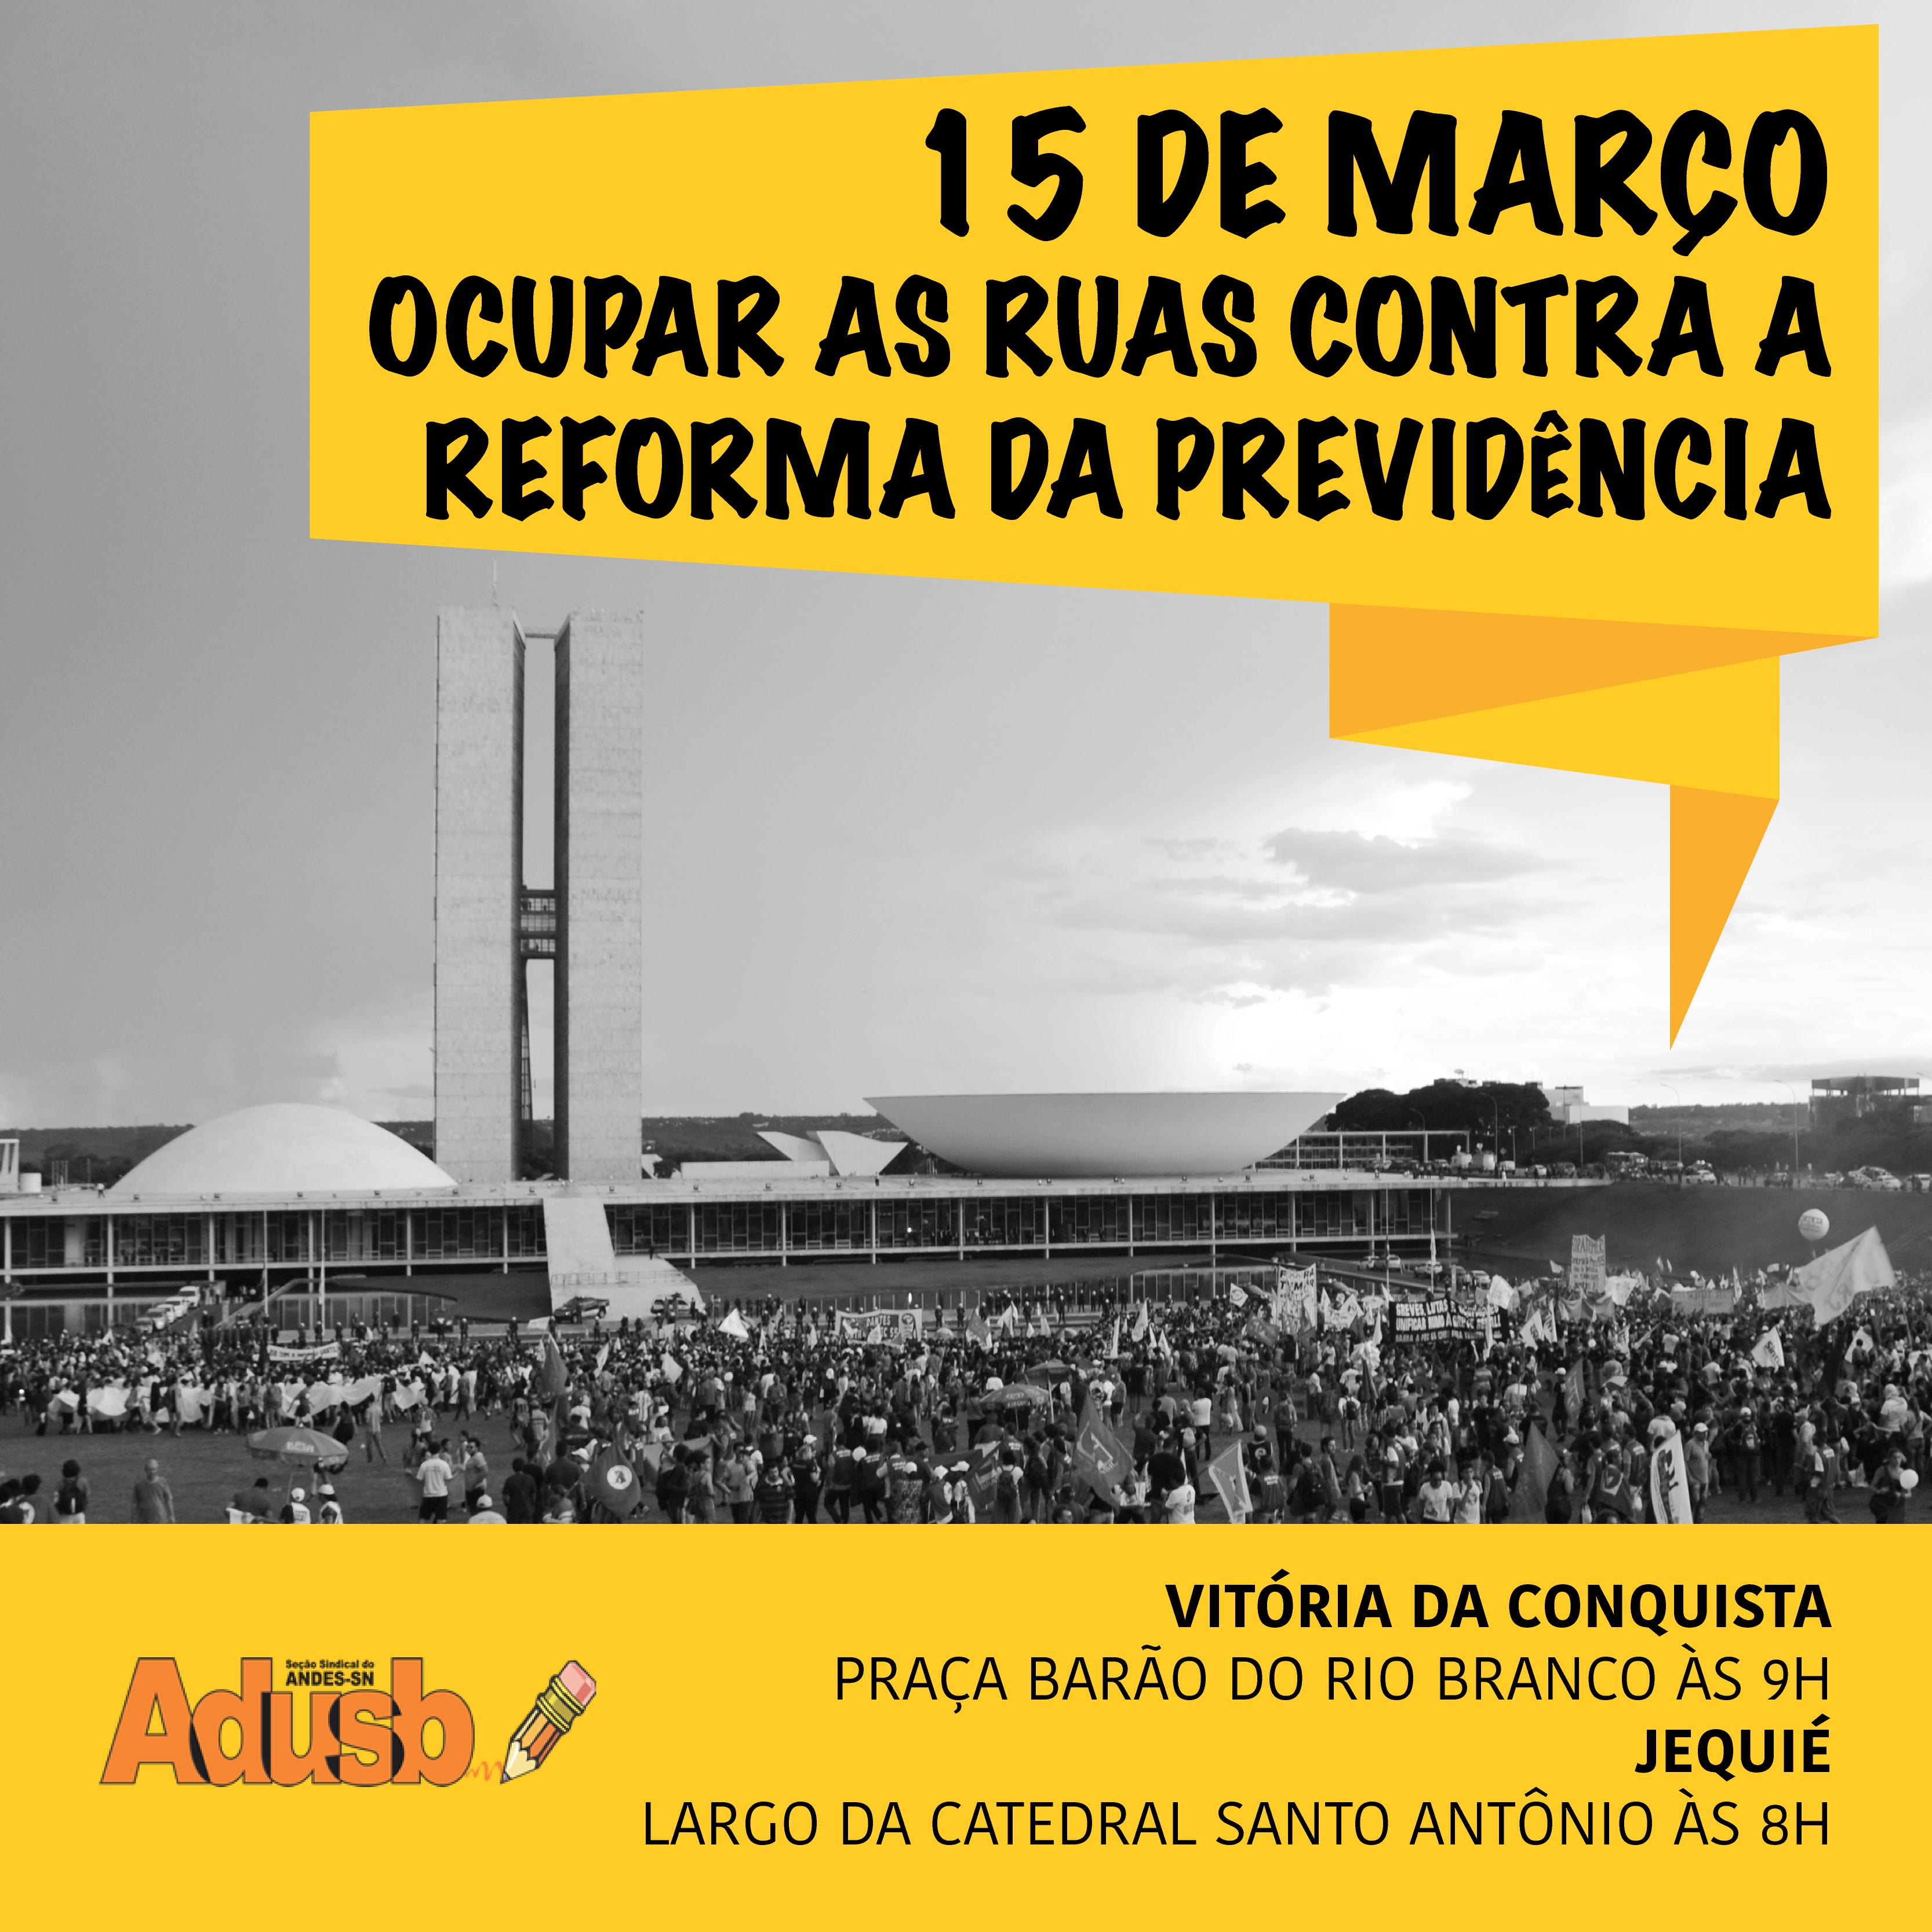 15 de março: Ocupar as ruas contra a Reforma da Previdência